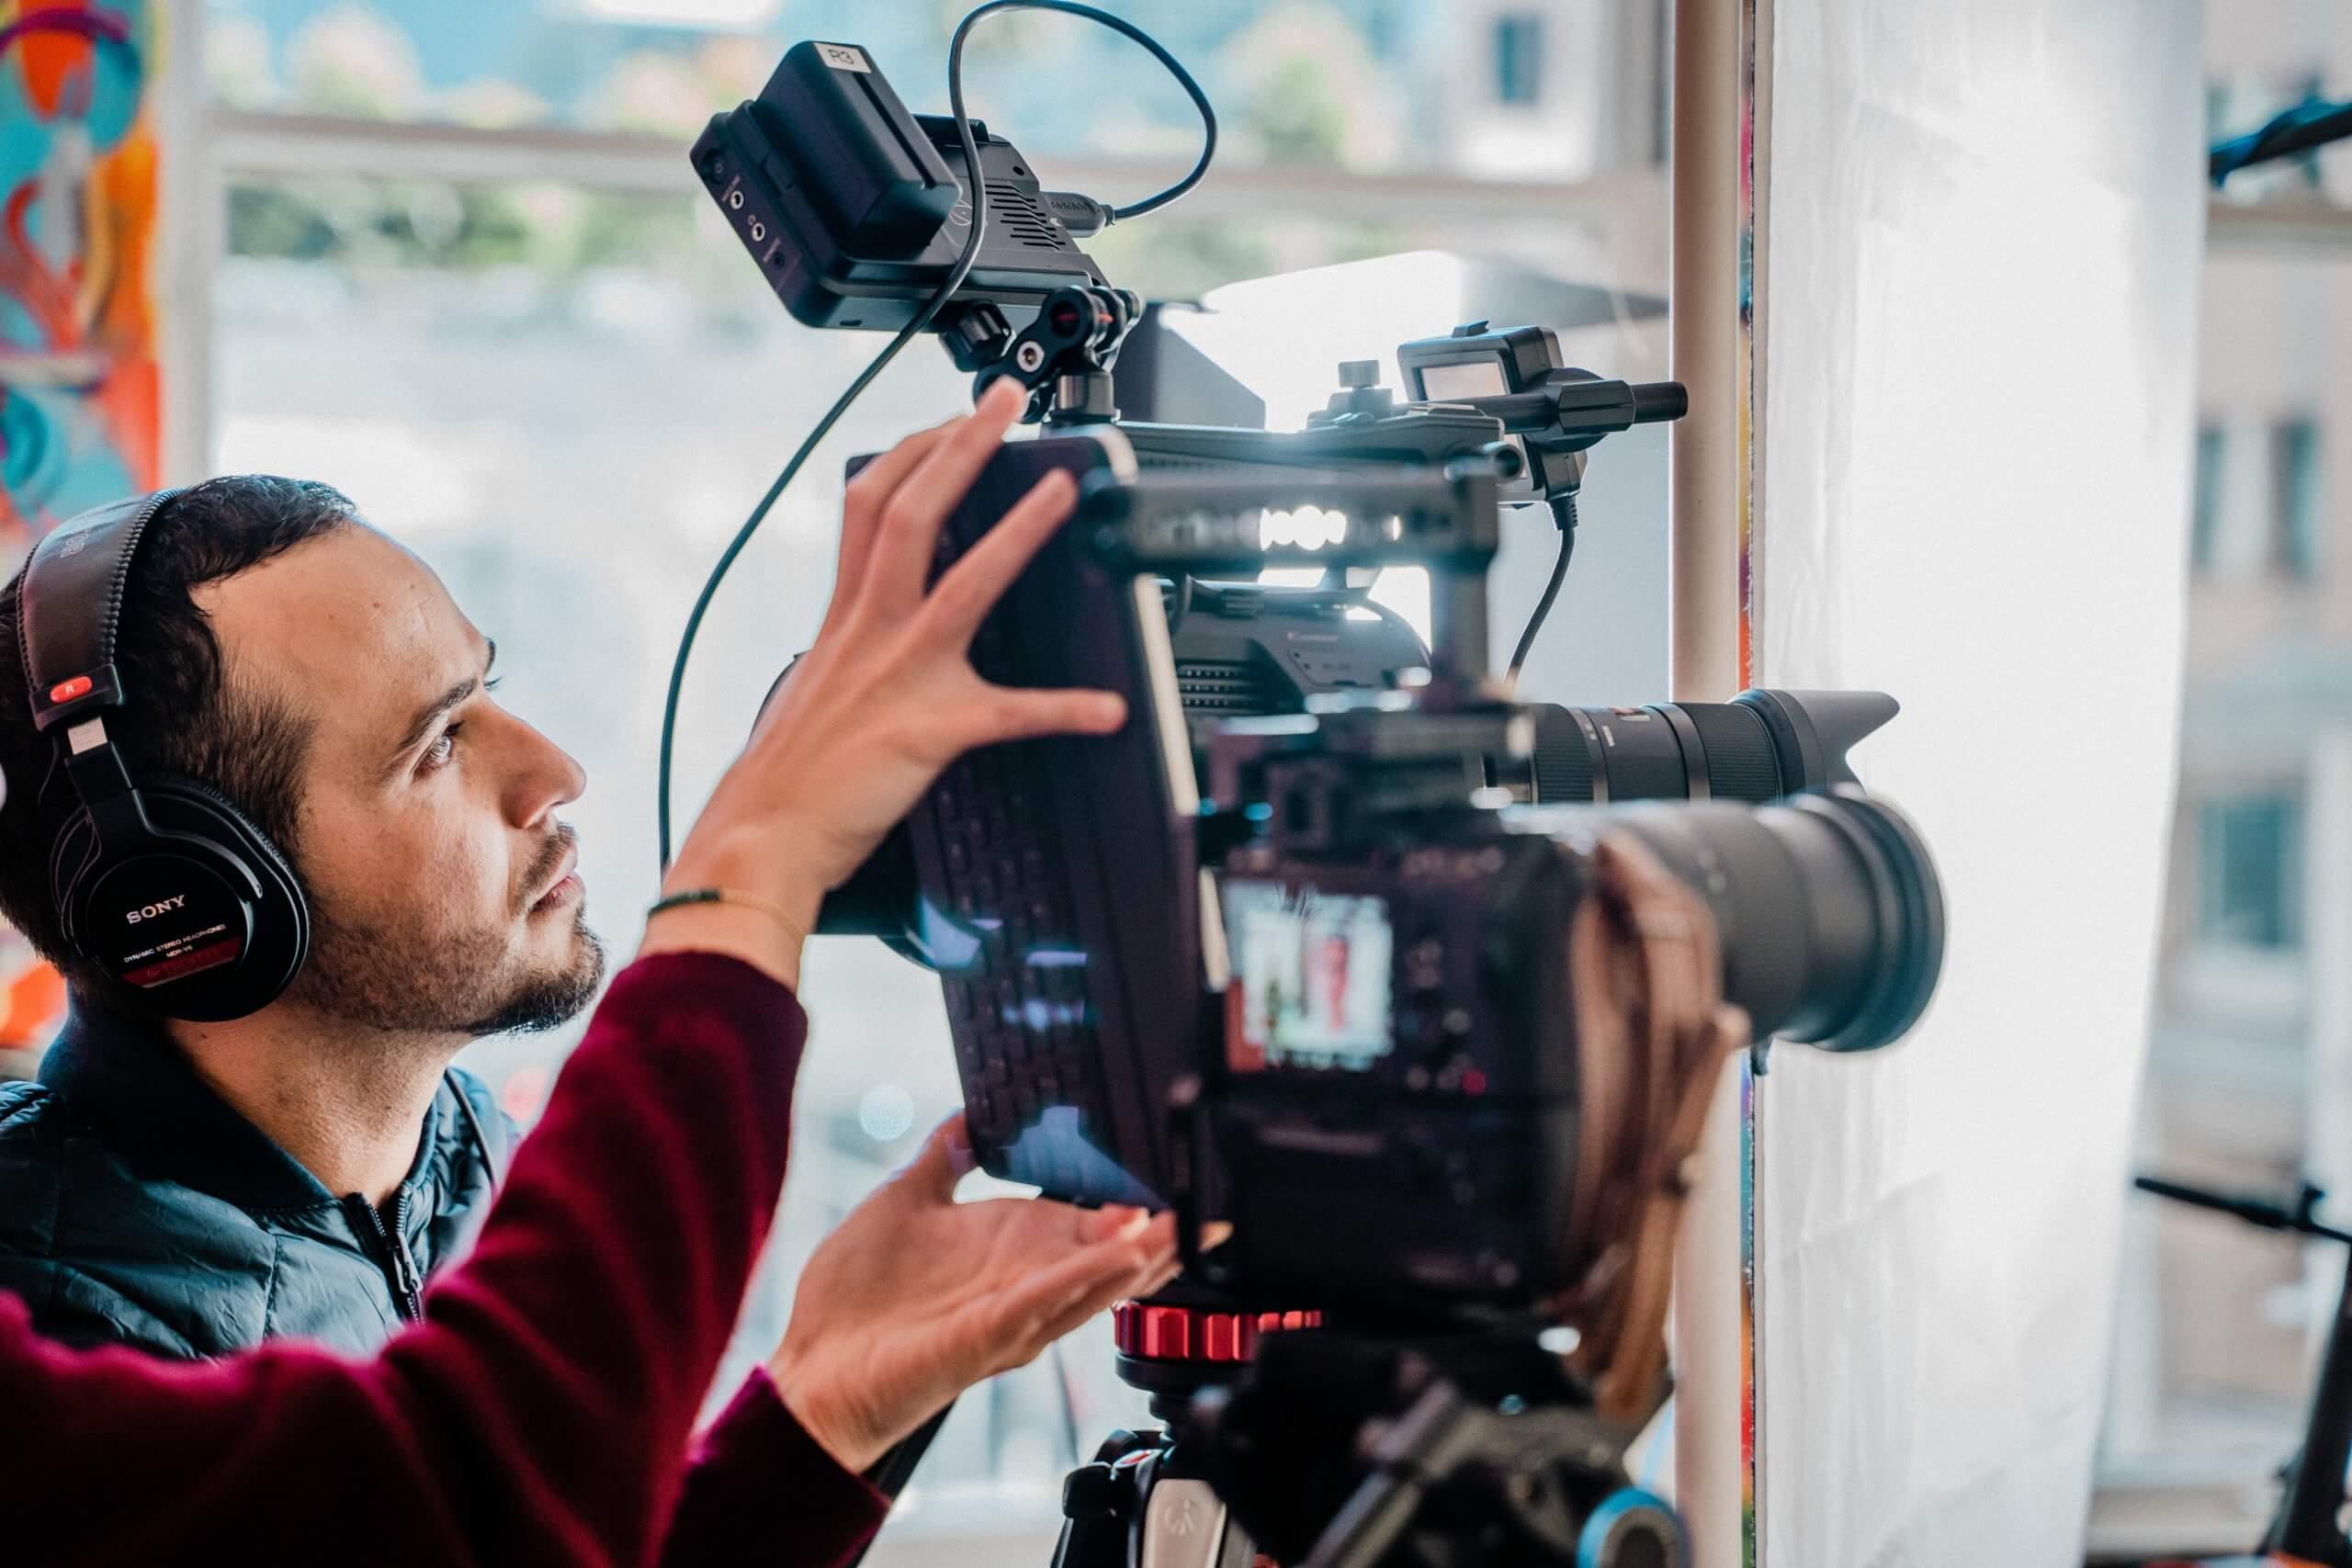 映像制作の求人サイト4選!未経験でも映像関係の仕事に就ける?